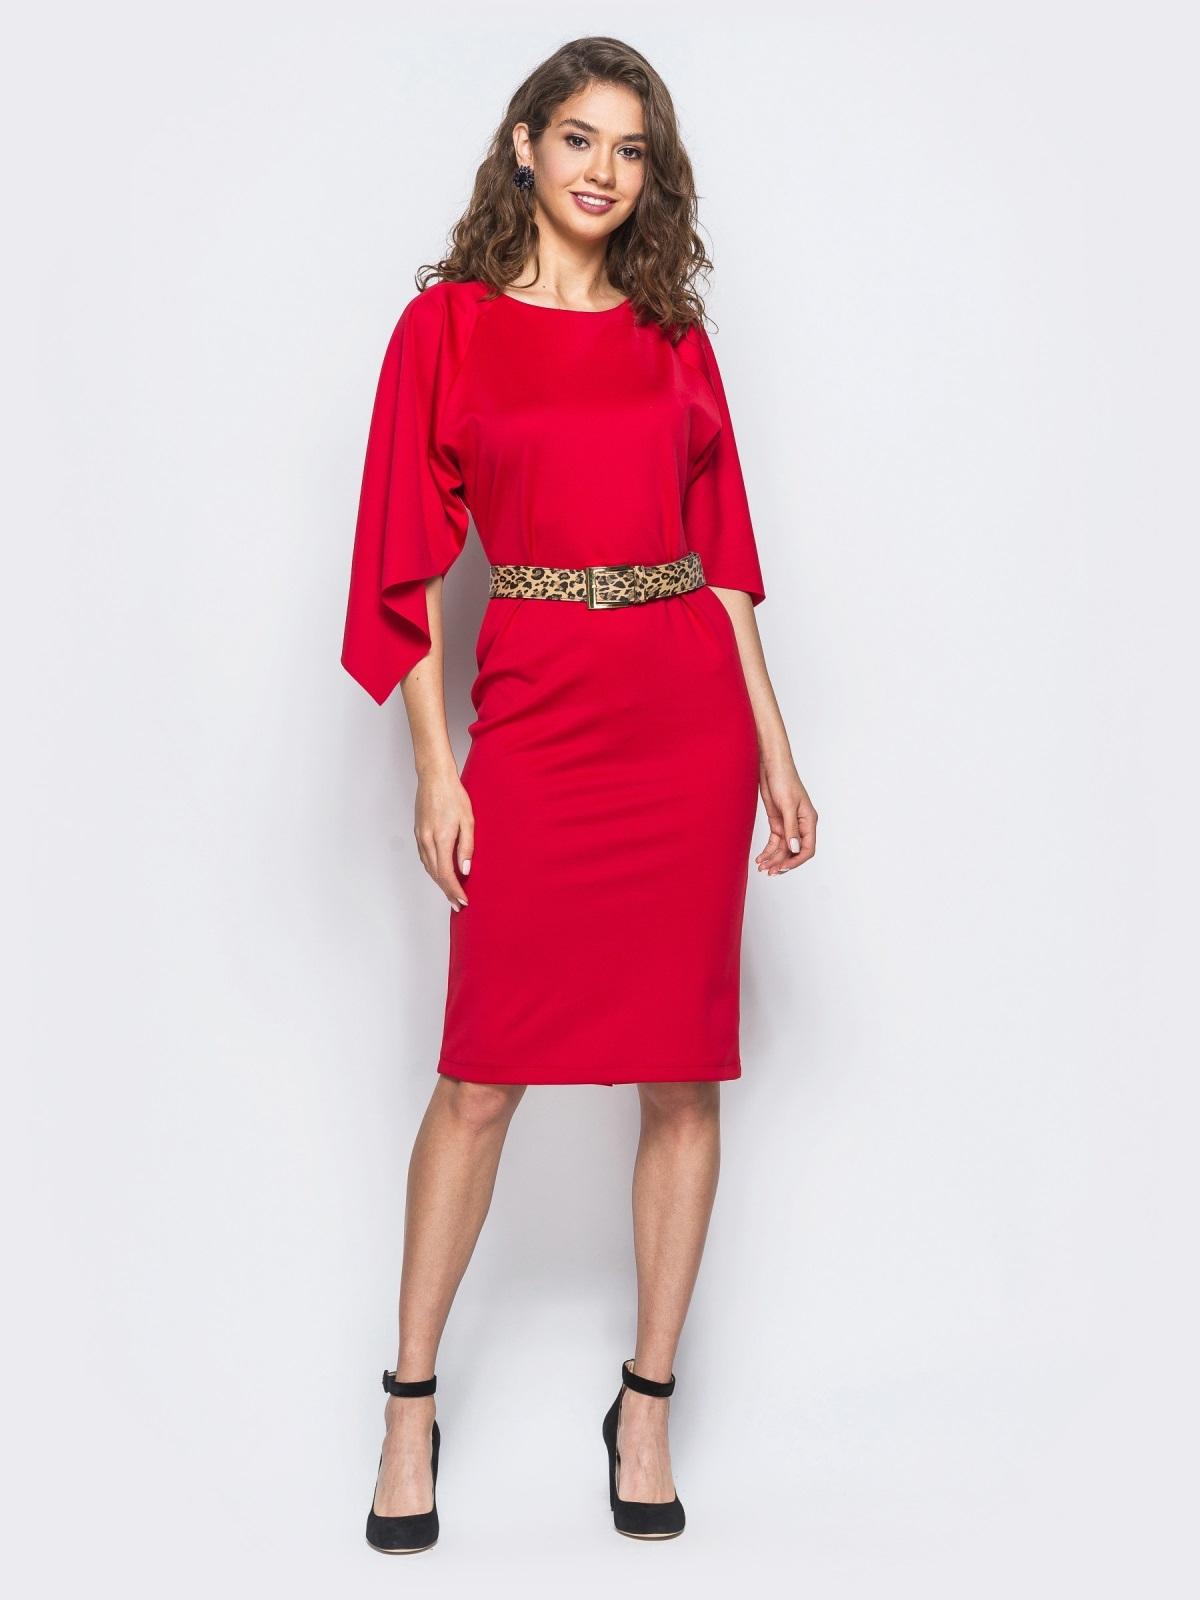 Купить красные повседневные платья в интернет-магазине Dressa